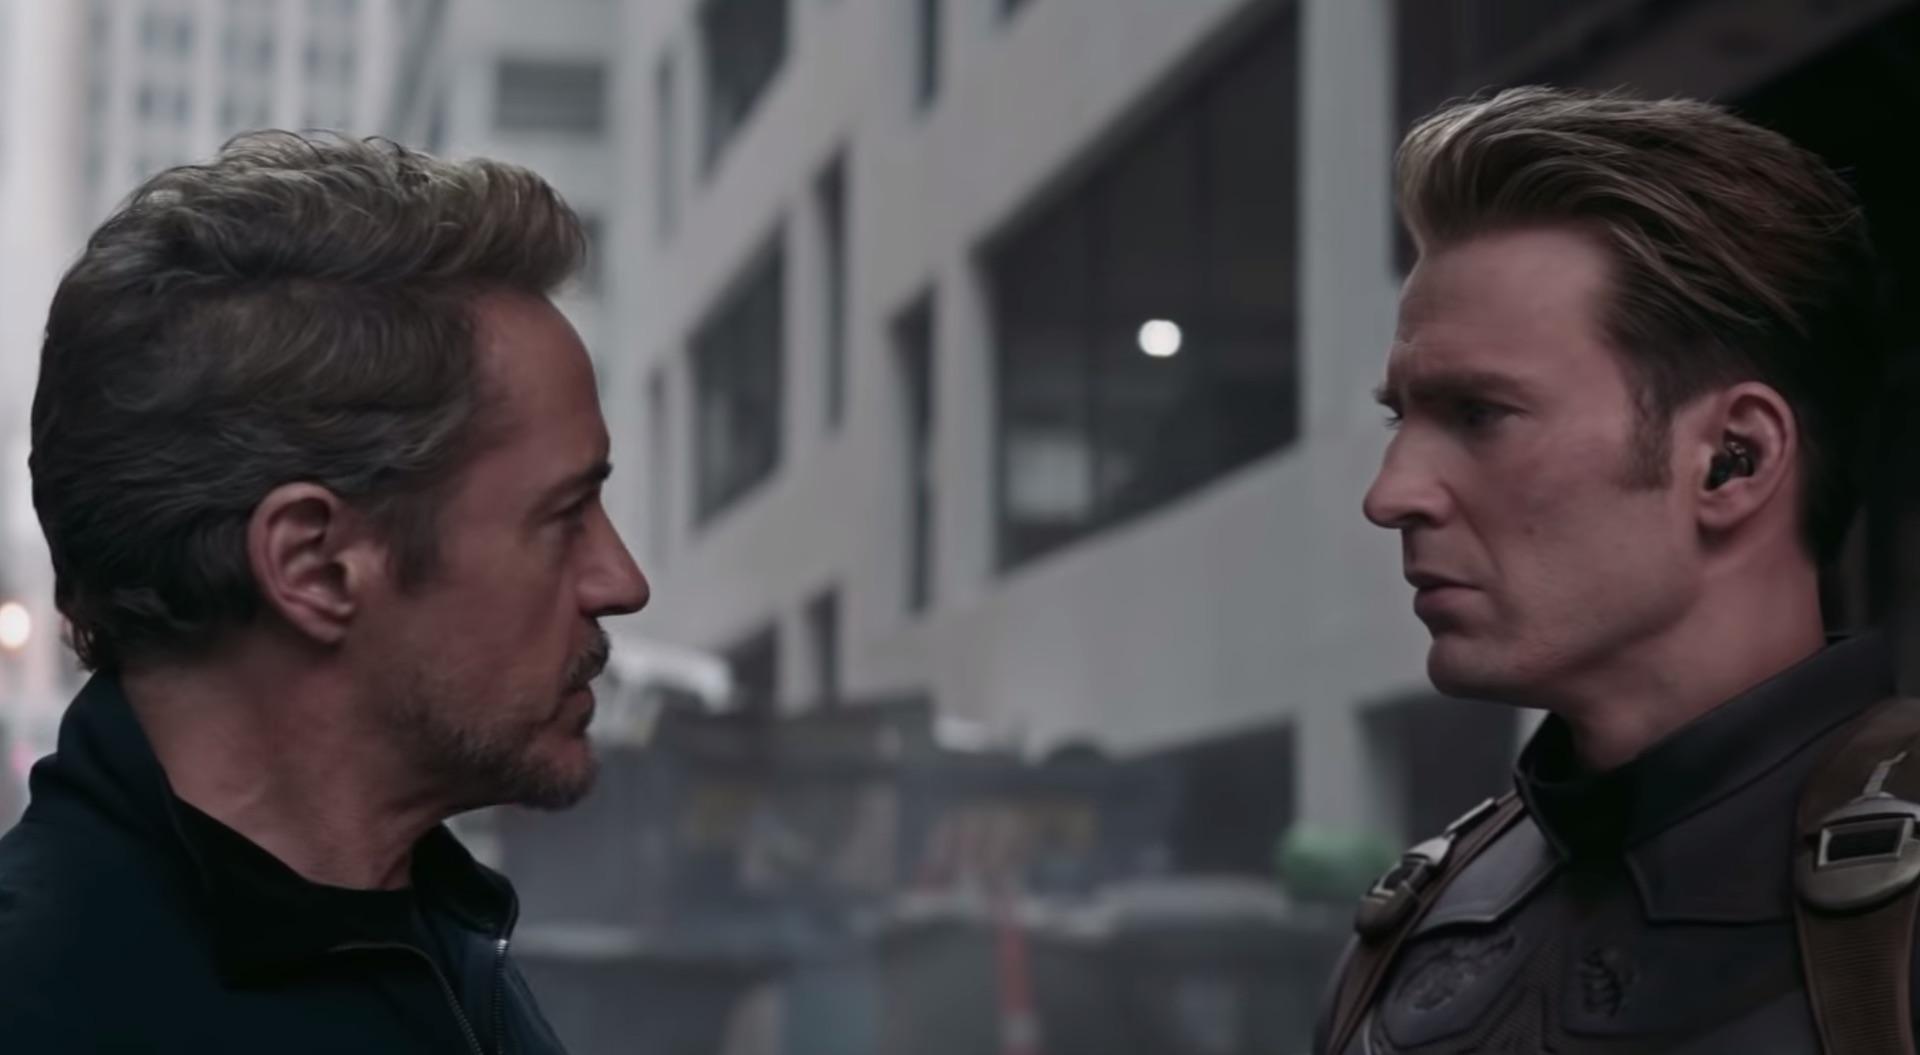 Avengers Endgame : date de sortie, casting, bande-annonce ...